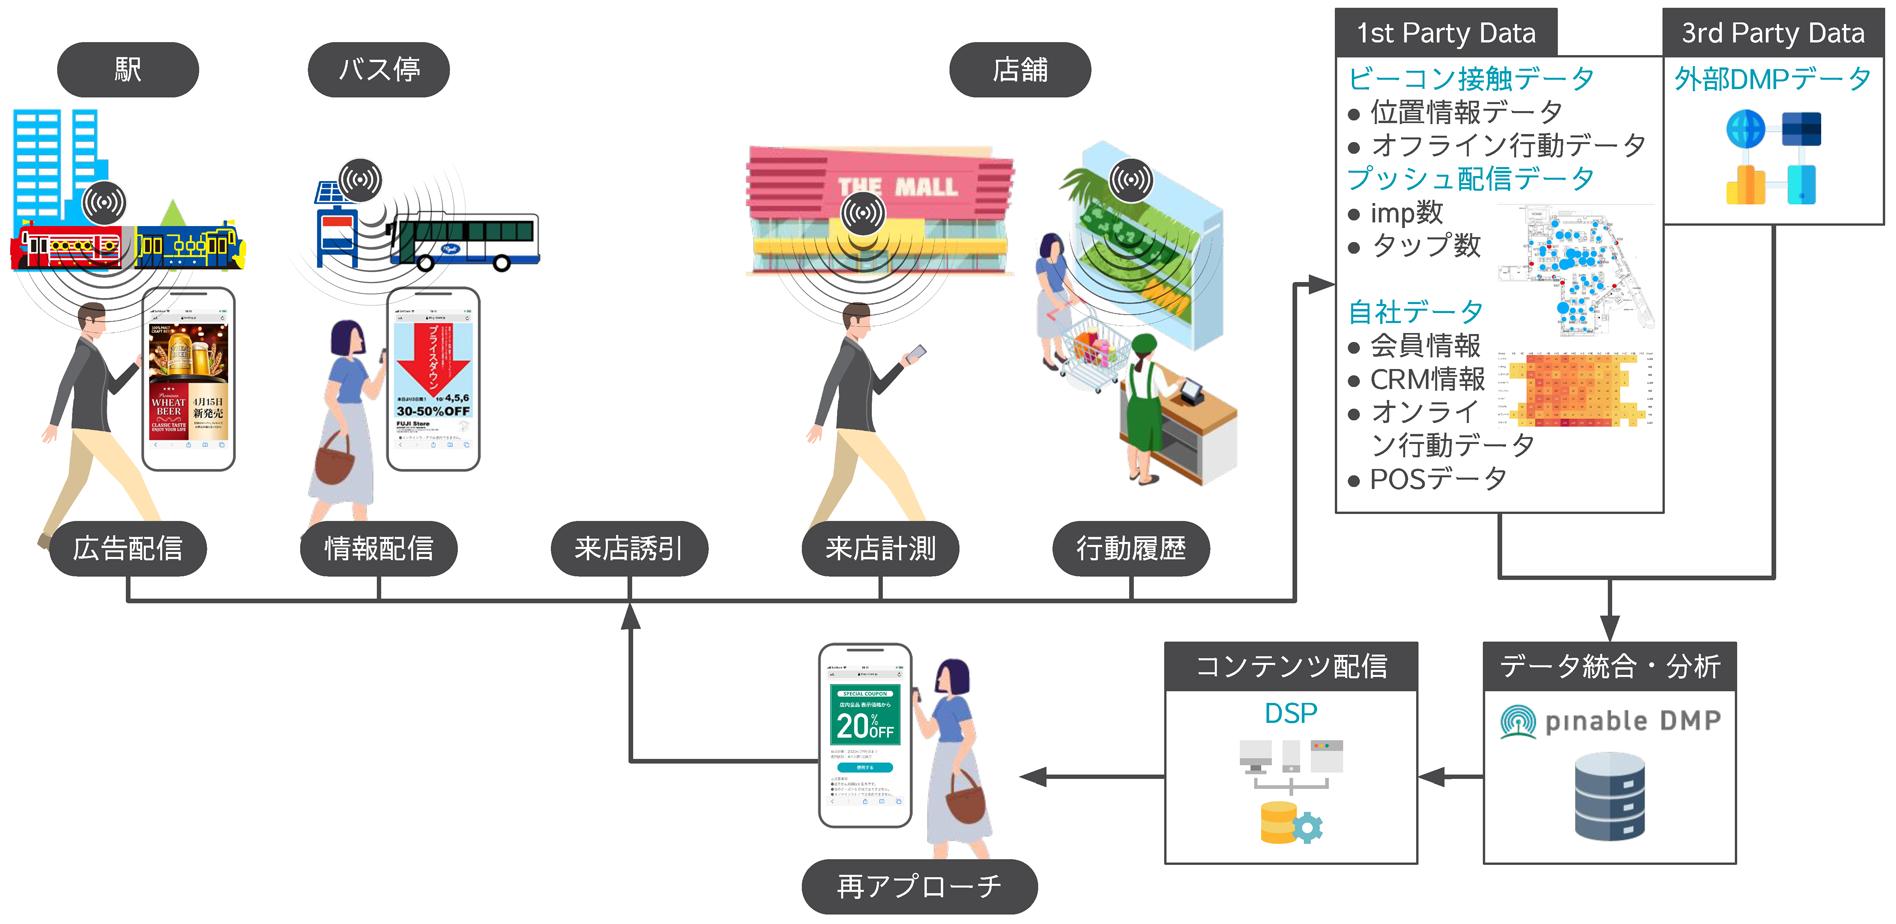 中国地方のバス停や交通インフラに設置しているビーコンを使ったサービスパートナーを公募! 地域活性化と地域課題の解決のためのDXインフラを提供